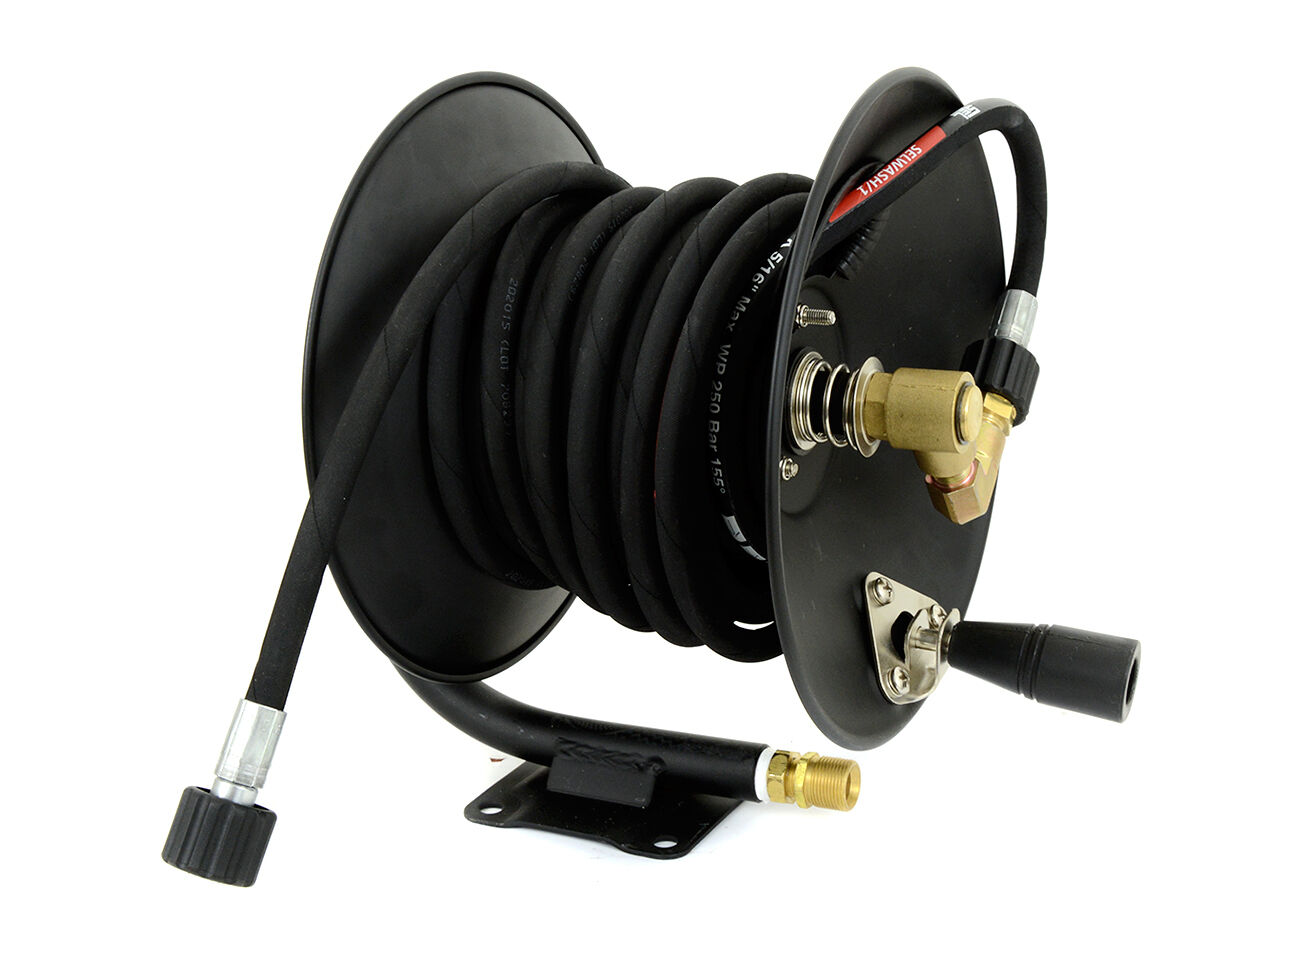 15m Profi Hochdruckschlauch 250bar DN6 11mm Nippel für Kärcher Hochdruckreiniger